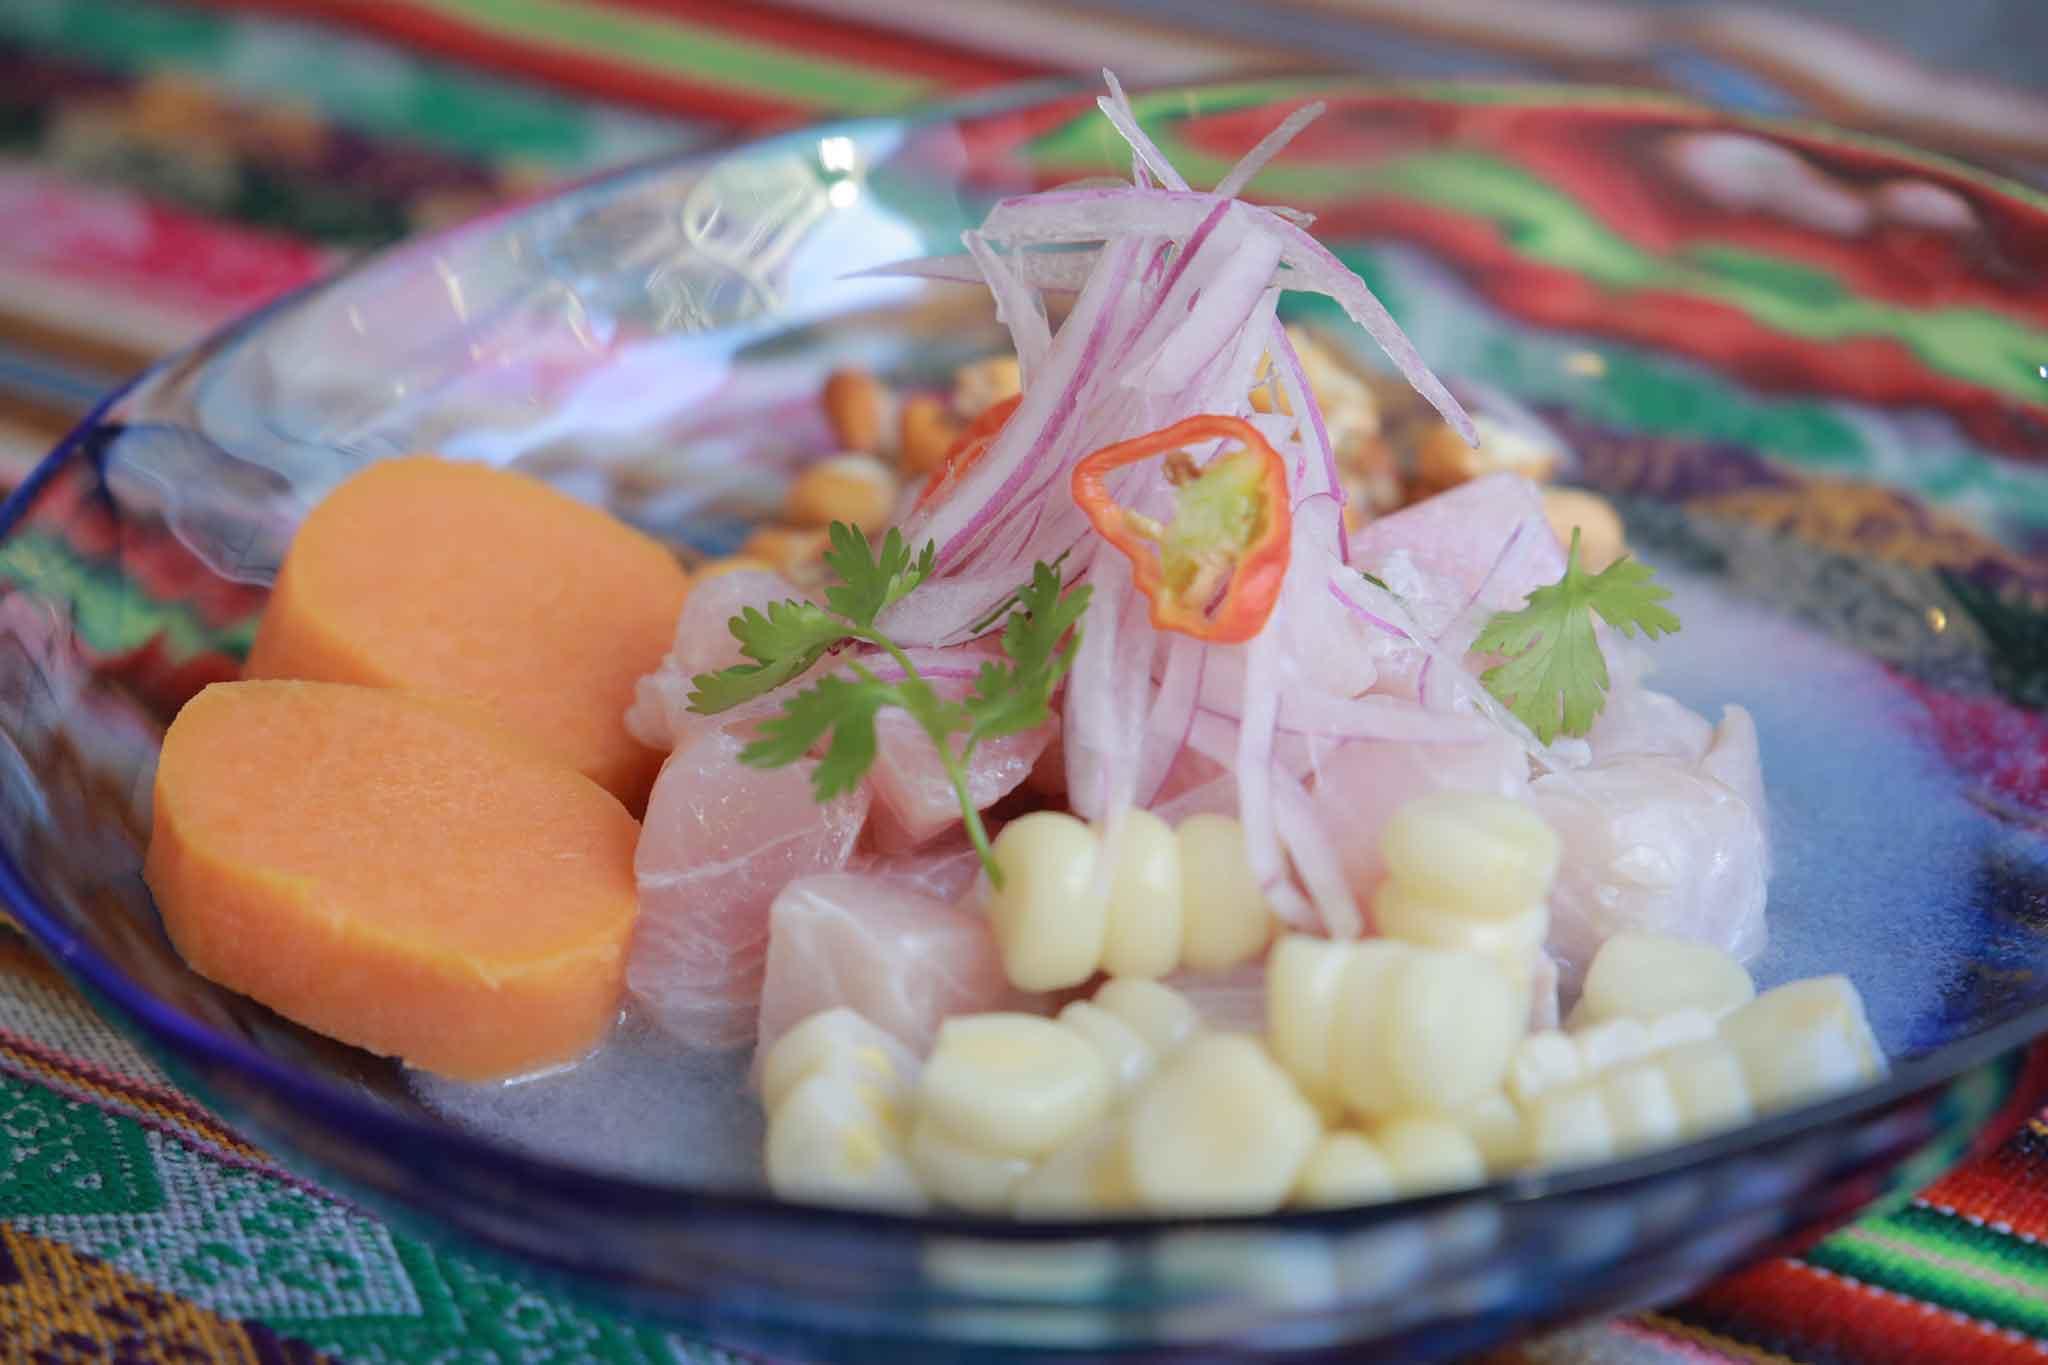 La cucina peruviana di Nativo che apre a Torino con il menu ...